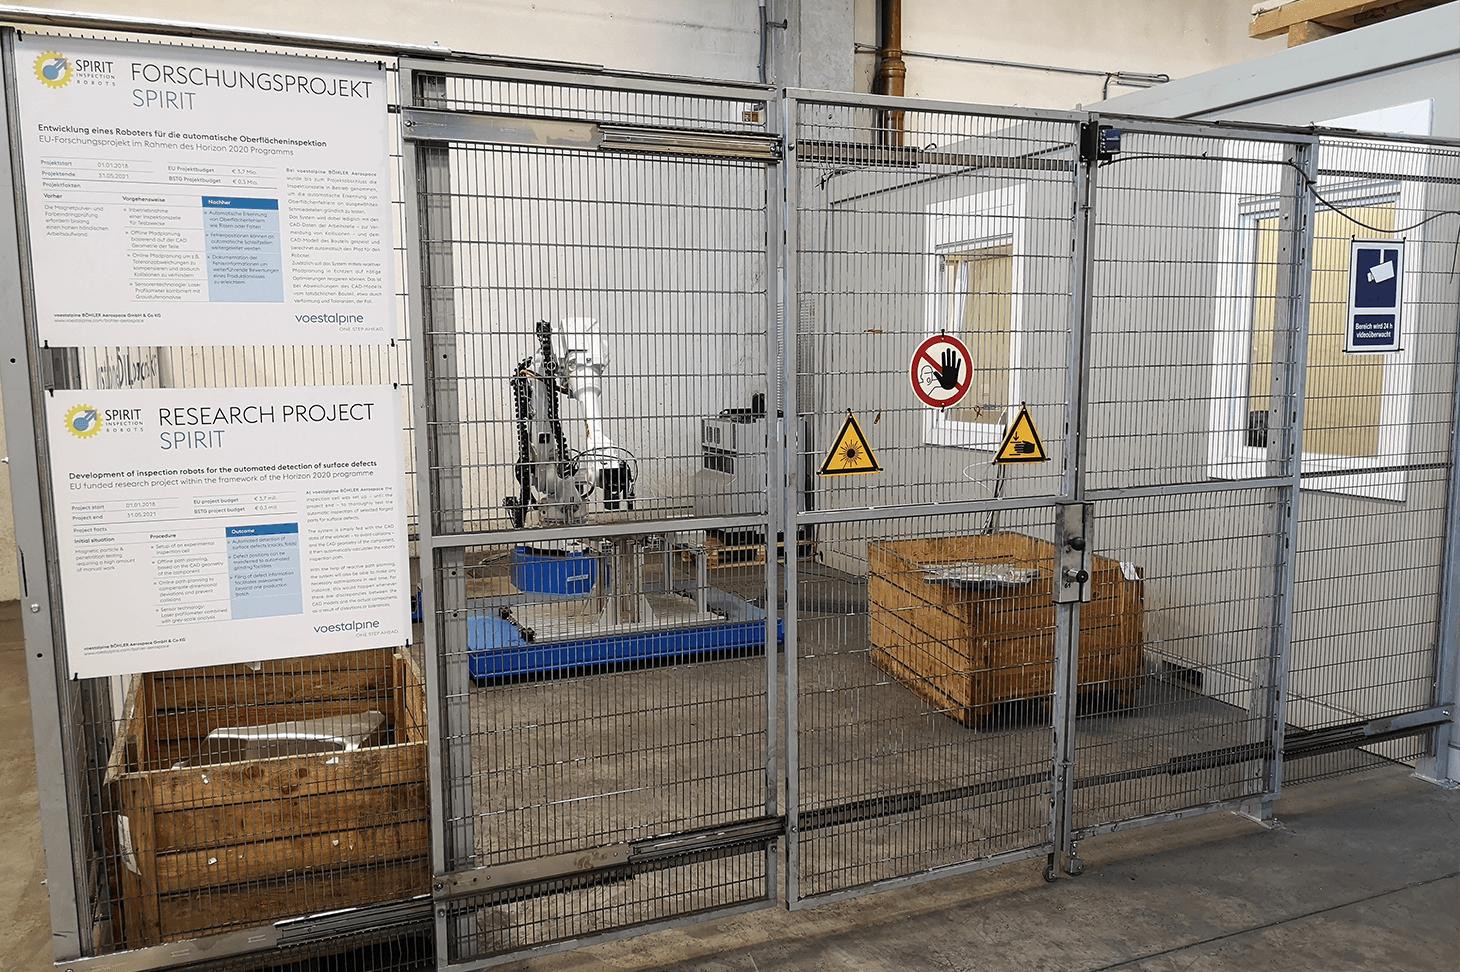 Ziel des Forschungsprojektes SPIRIT ist ein Industrieroboter für Inspektionsaufgaben